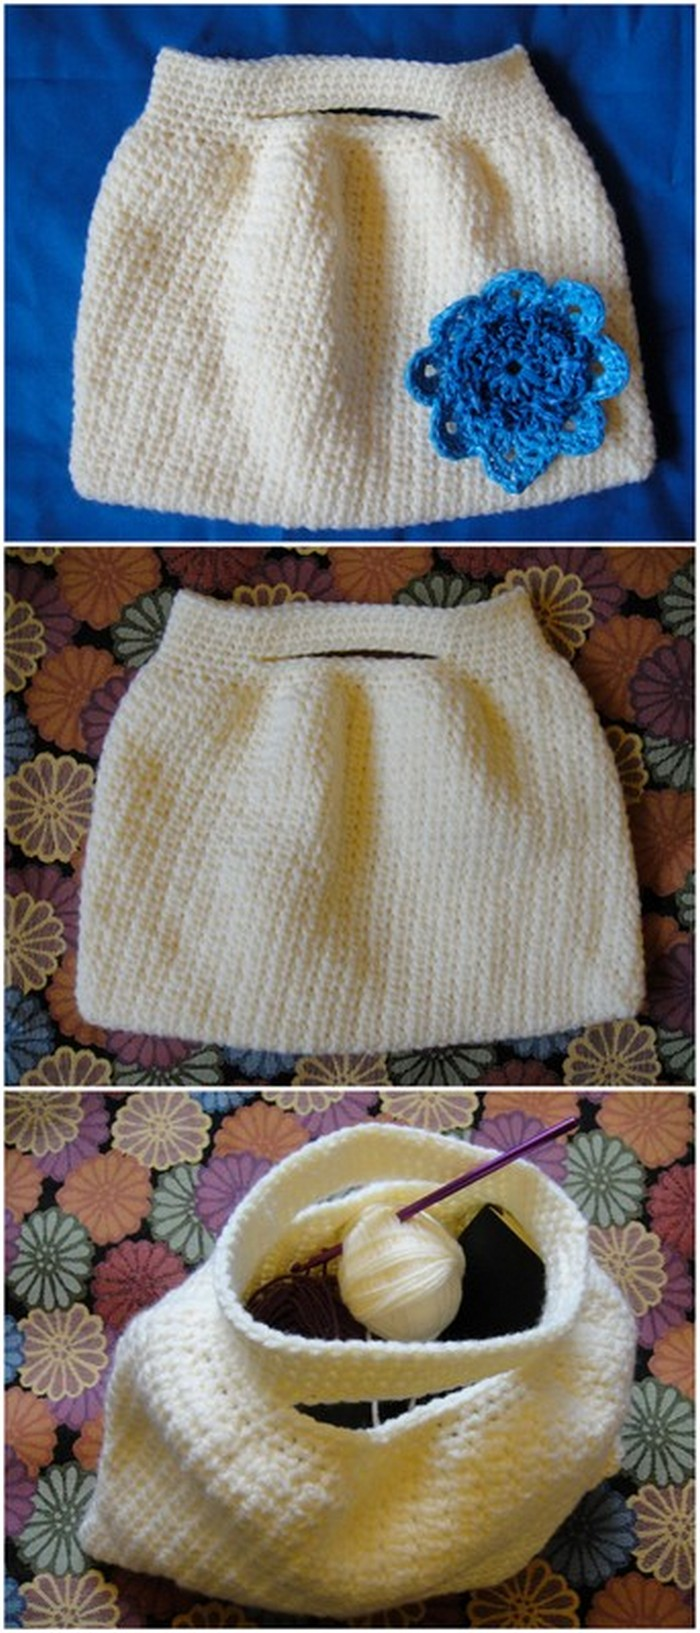 Crochet Worker Basket Free Crochet Pattern